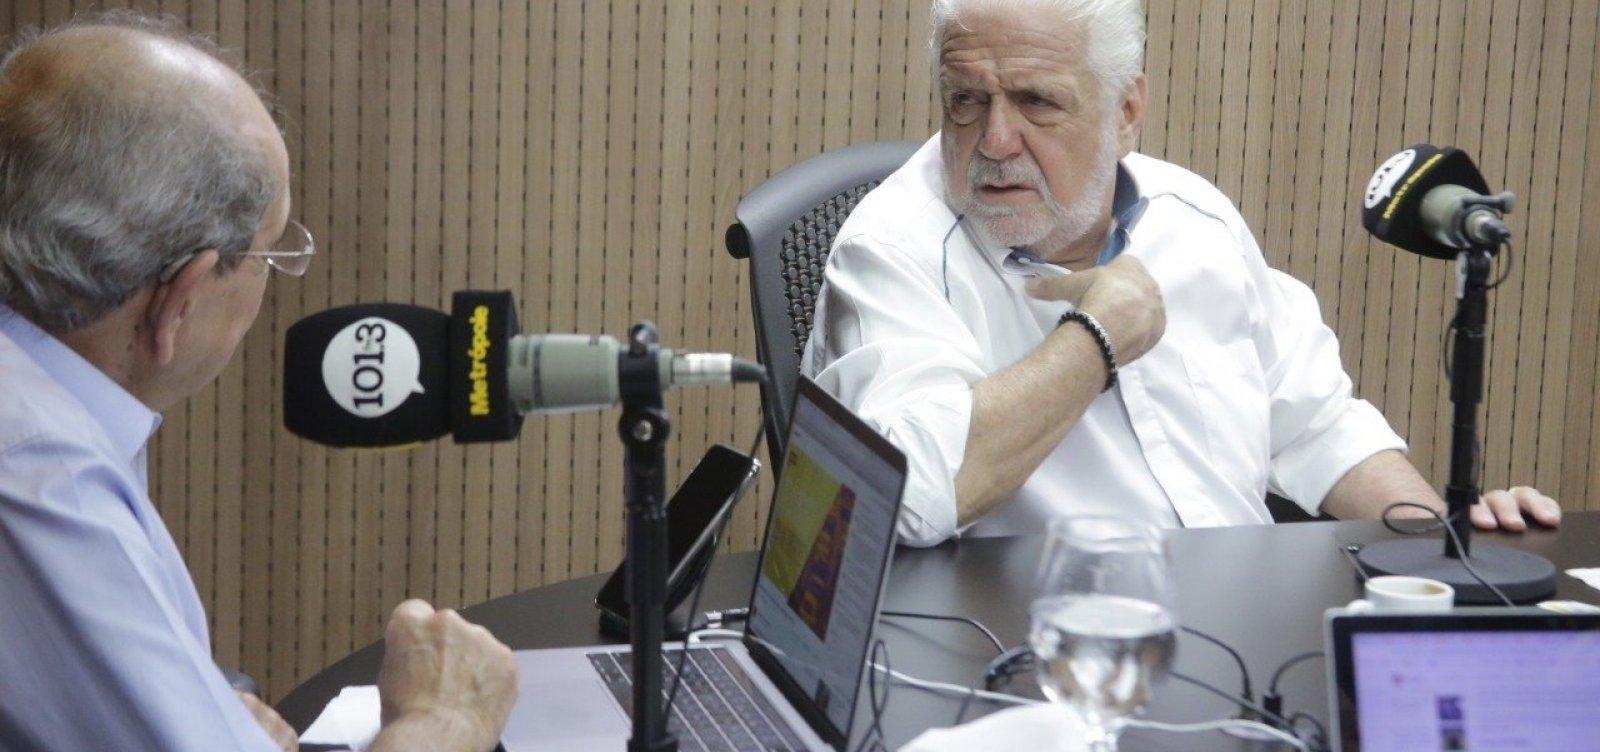 [Wagner relata conselhos a Flávio Bolsonaro: 'Todo mundo fala que ele é o cara mais razoável']